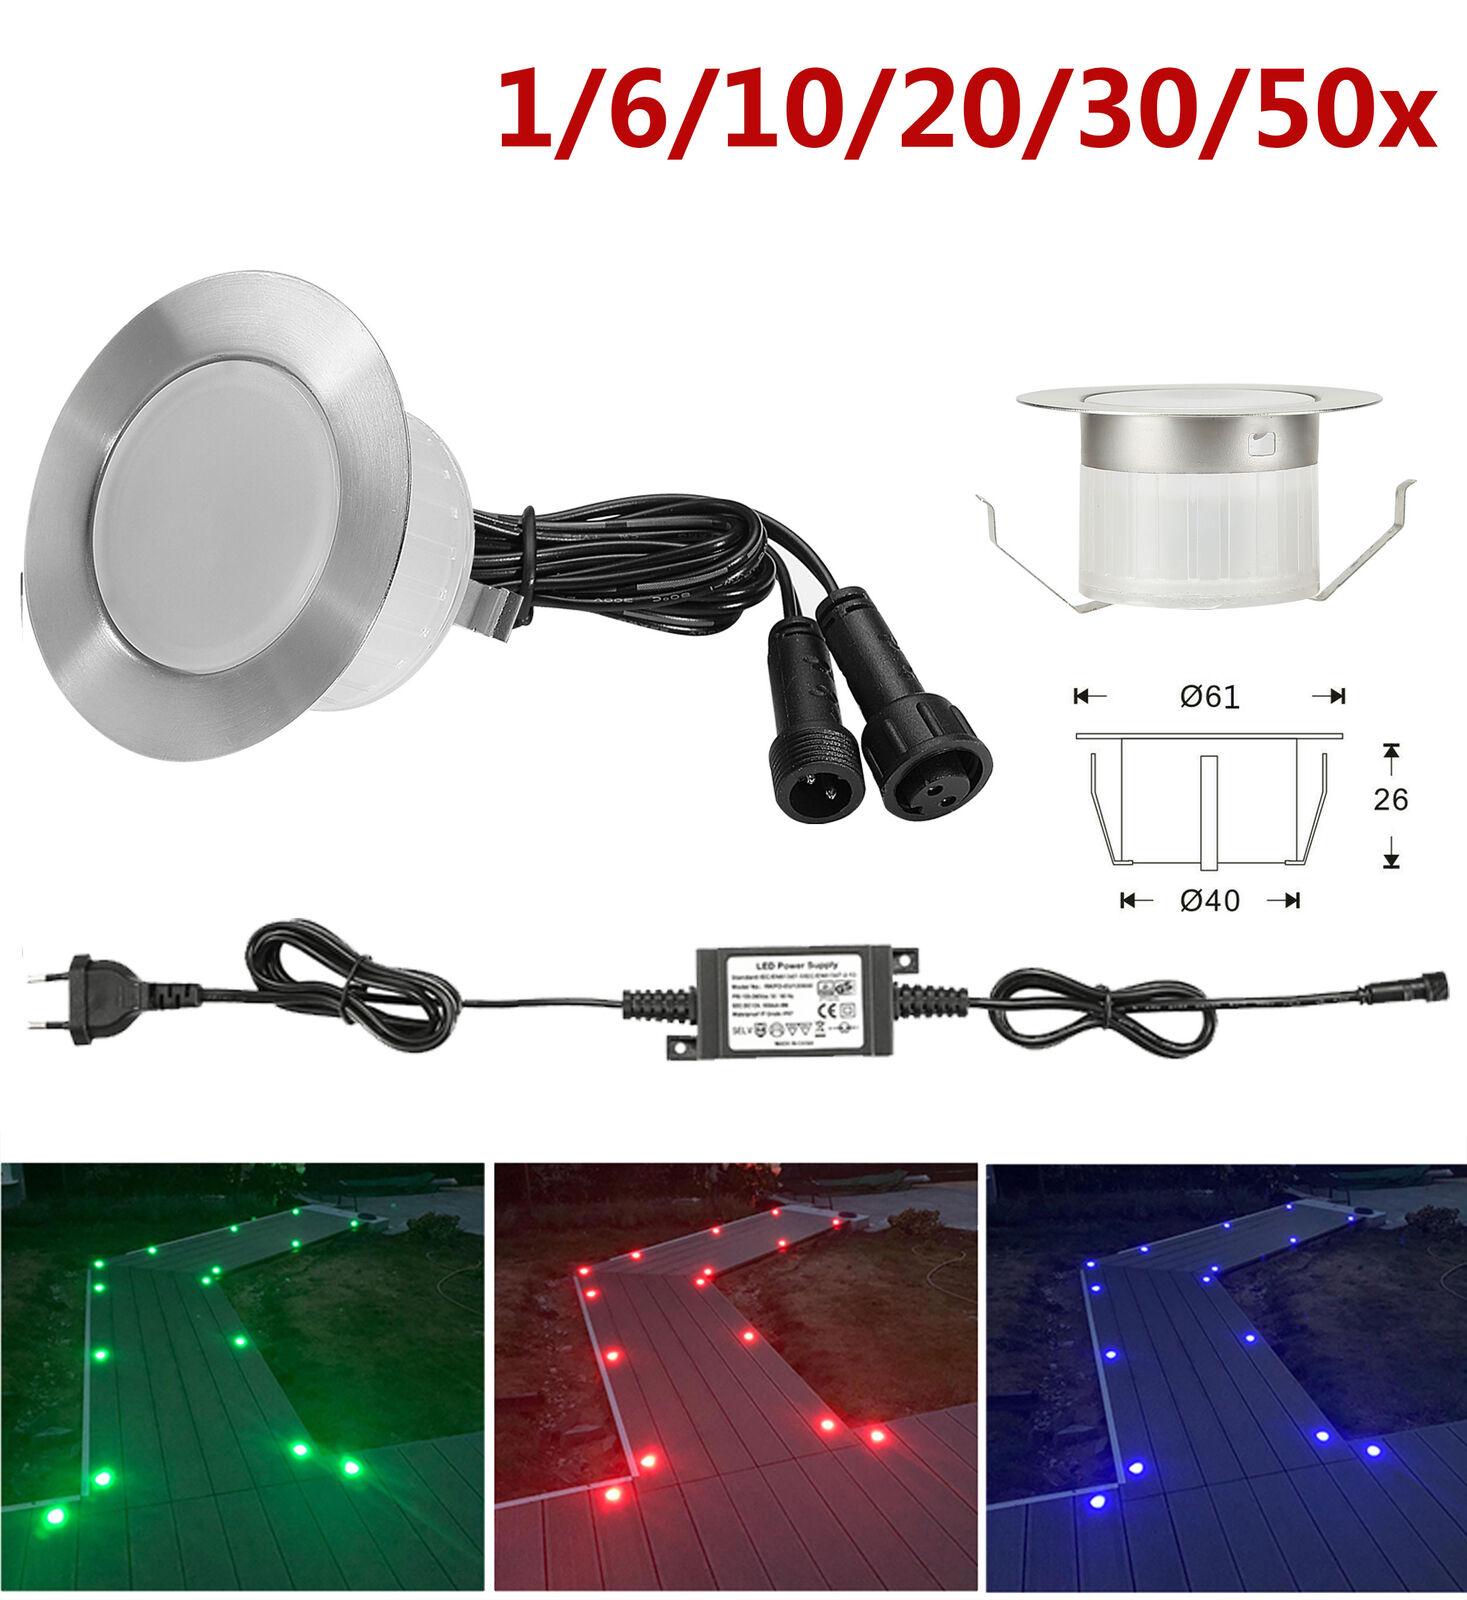 Détails Sur 1 50pcs φ61mm 1 5w 12v Led Lampe Lumière éclairage Exterieur Maison Jardin Spot